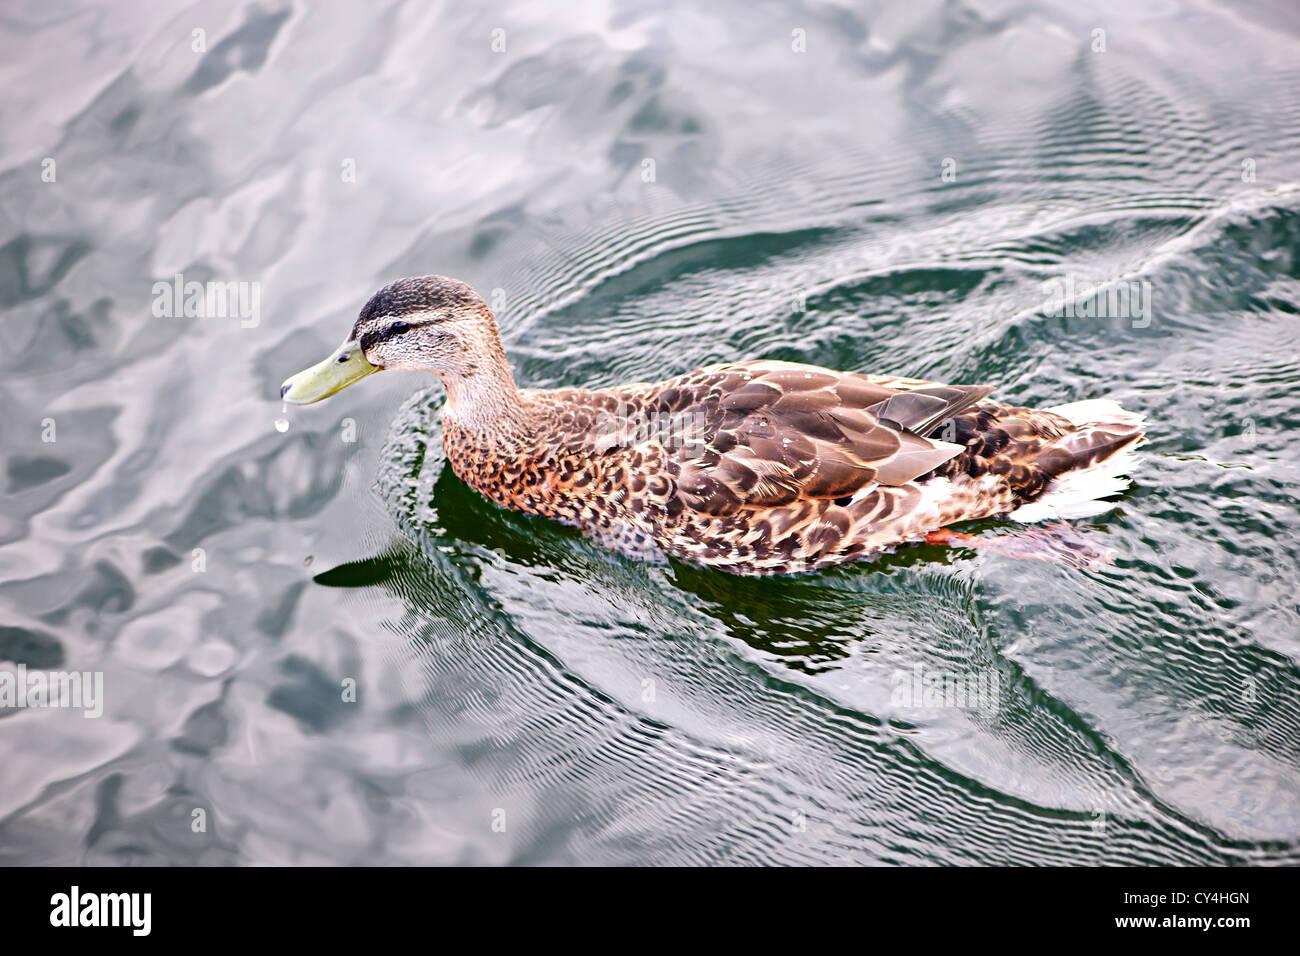 Ánade real hembra para nadar en la tranquilidad del estanque con cloud reflexiones Imagen De Stock